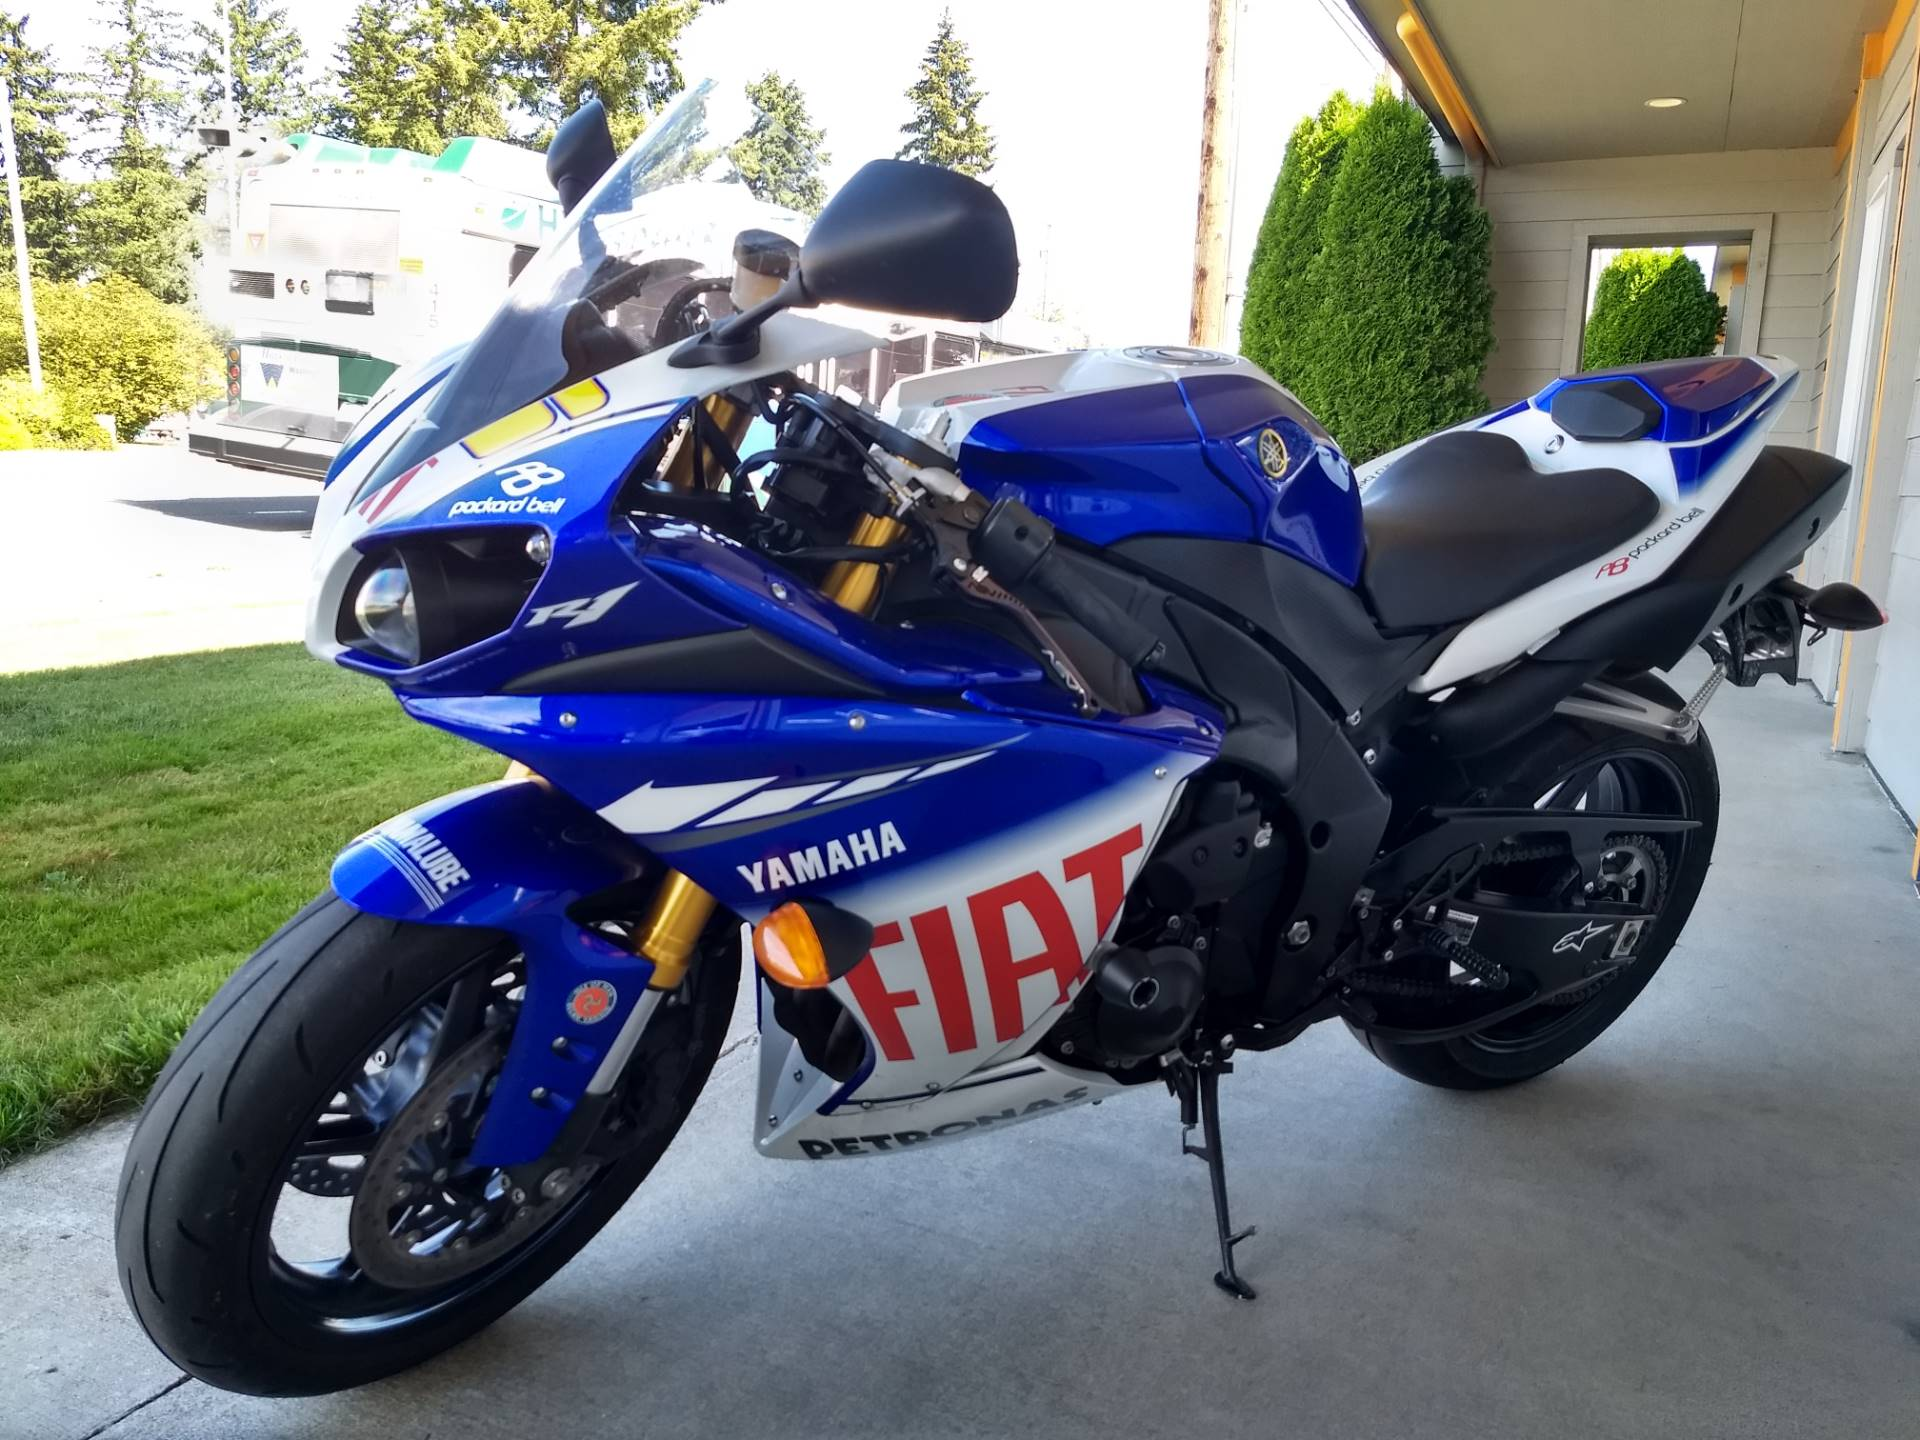 2010 Yamaha YZF-R1 LE for sale 233005